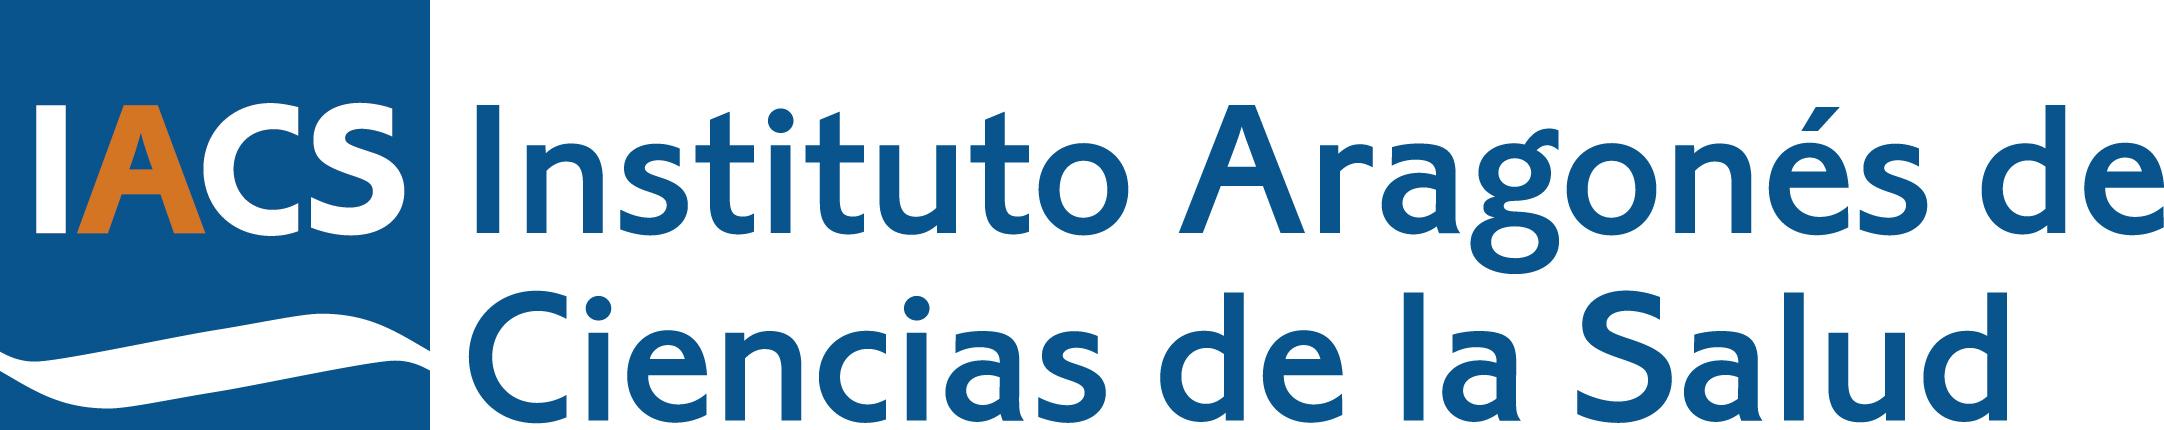 Logo IACS · Fondo blanco